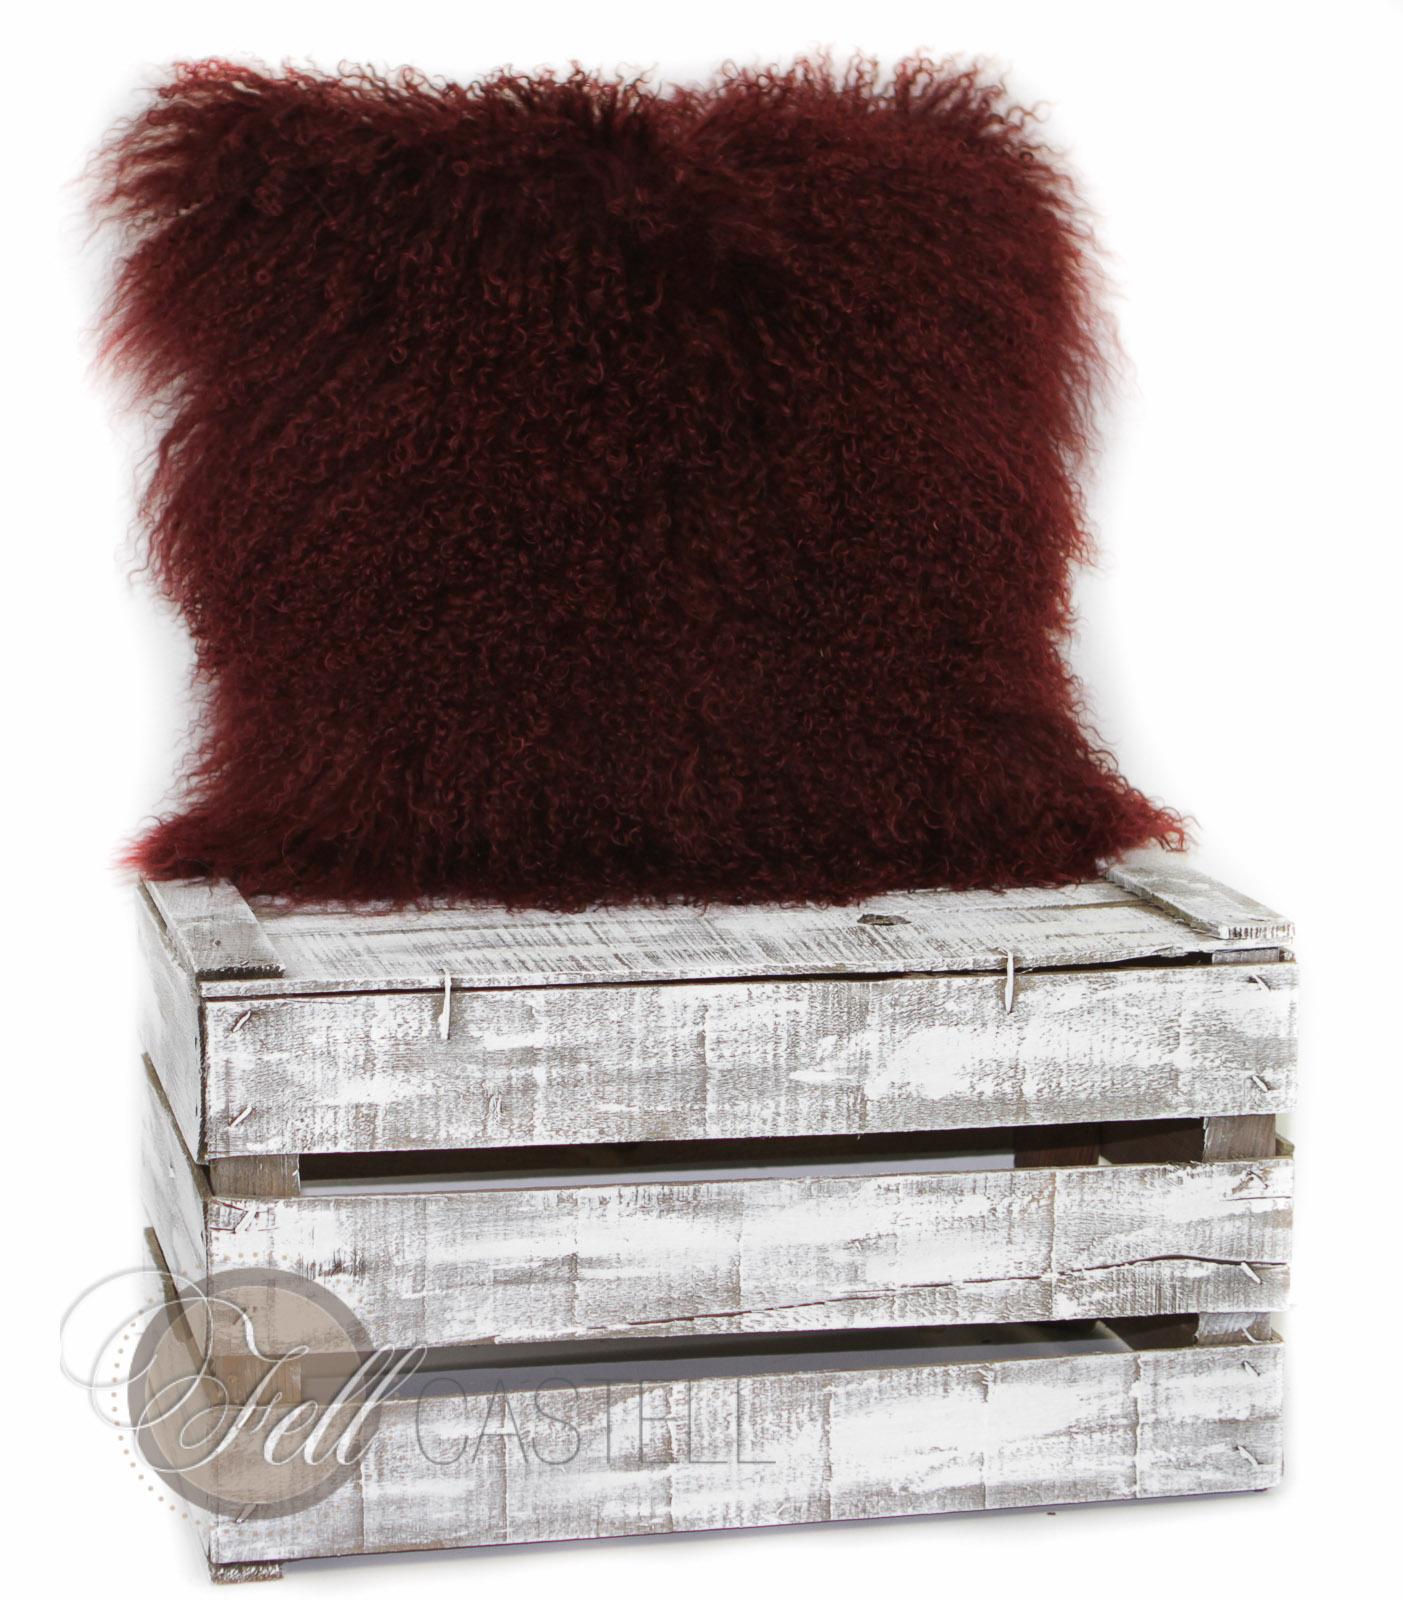 poduszka ze skóry owcy tybetanskiej szara briesa 50 x 50 cm 50 x 50 cm